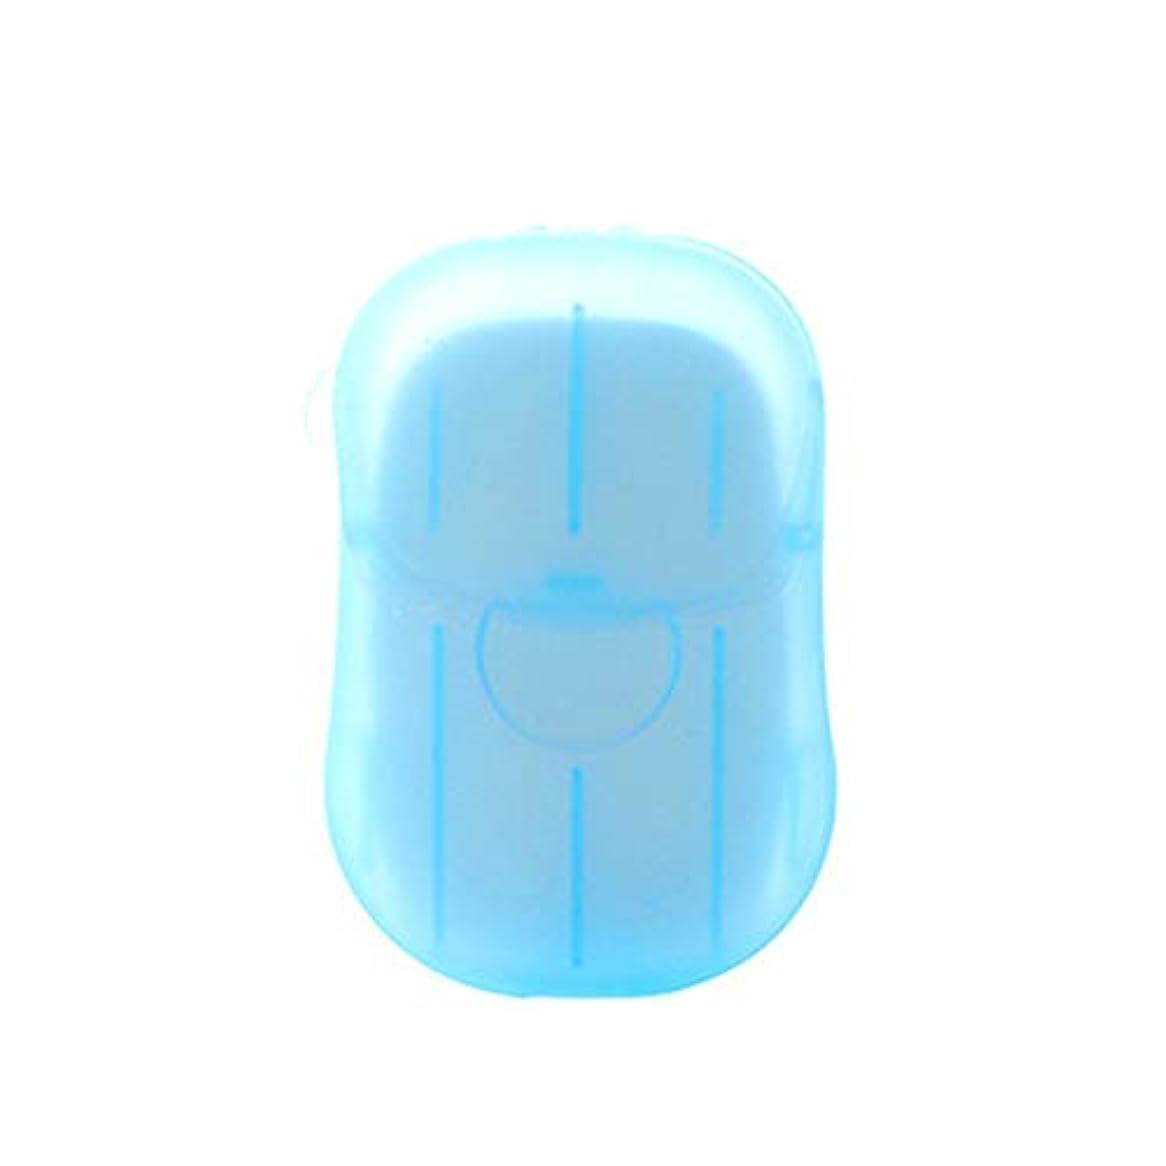 敗北プロテスタントラオス人Galapara 紙石鹸 使い捨て石鹸ケース 20枚石鹸ペーパー香料入り 旅行用品